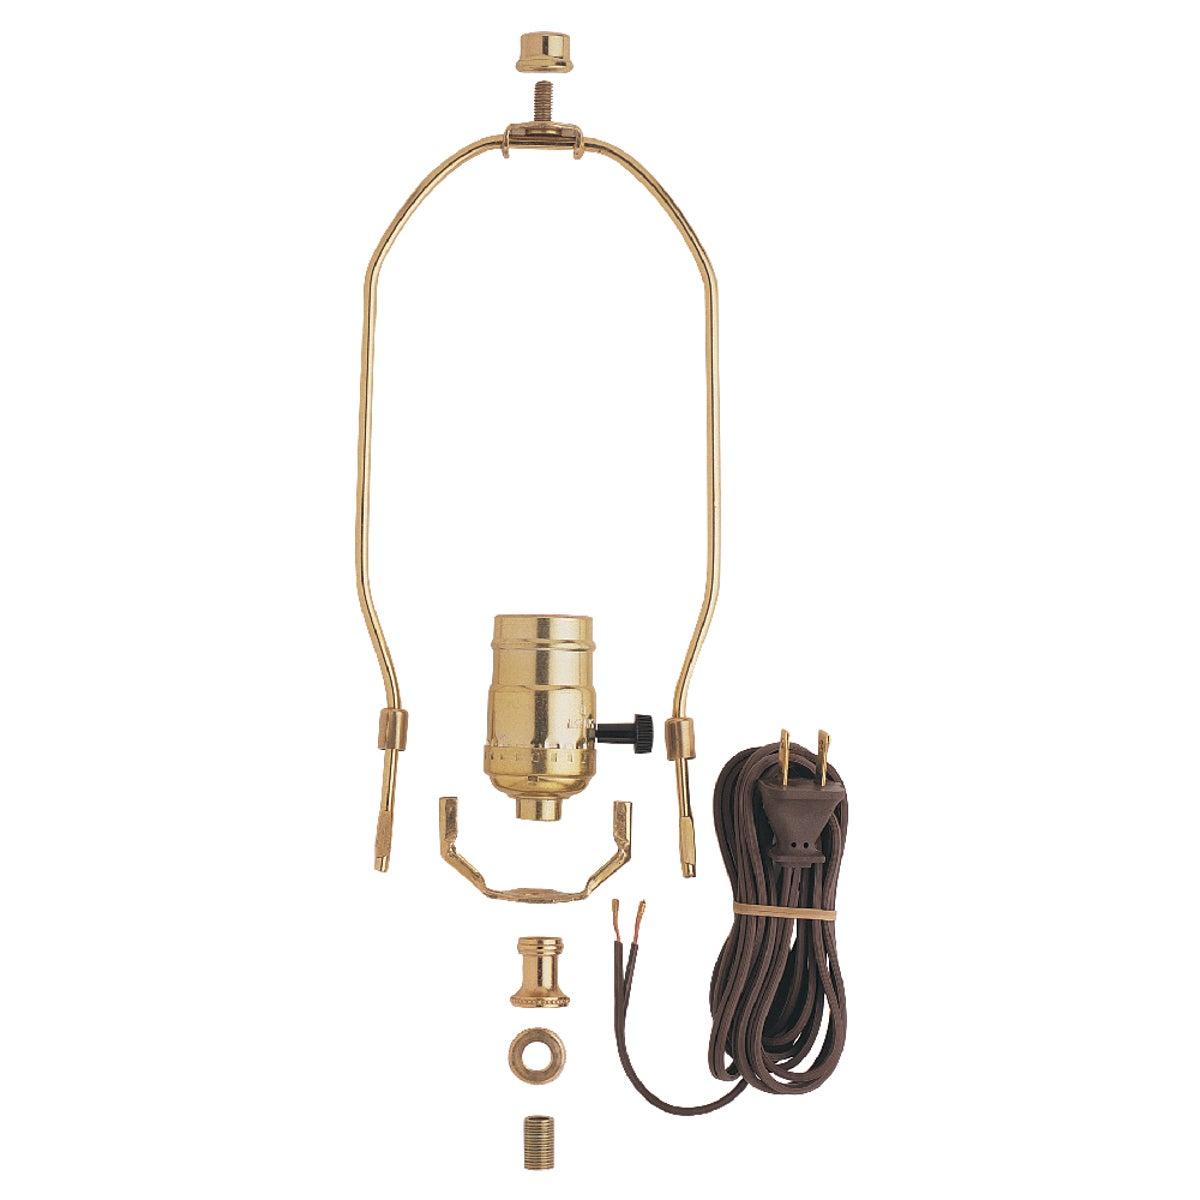 3-WAY LAMP KIT